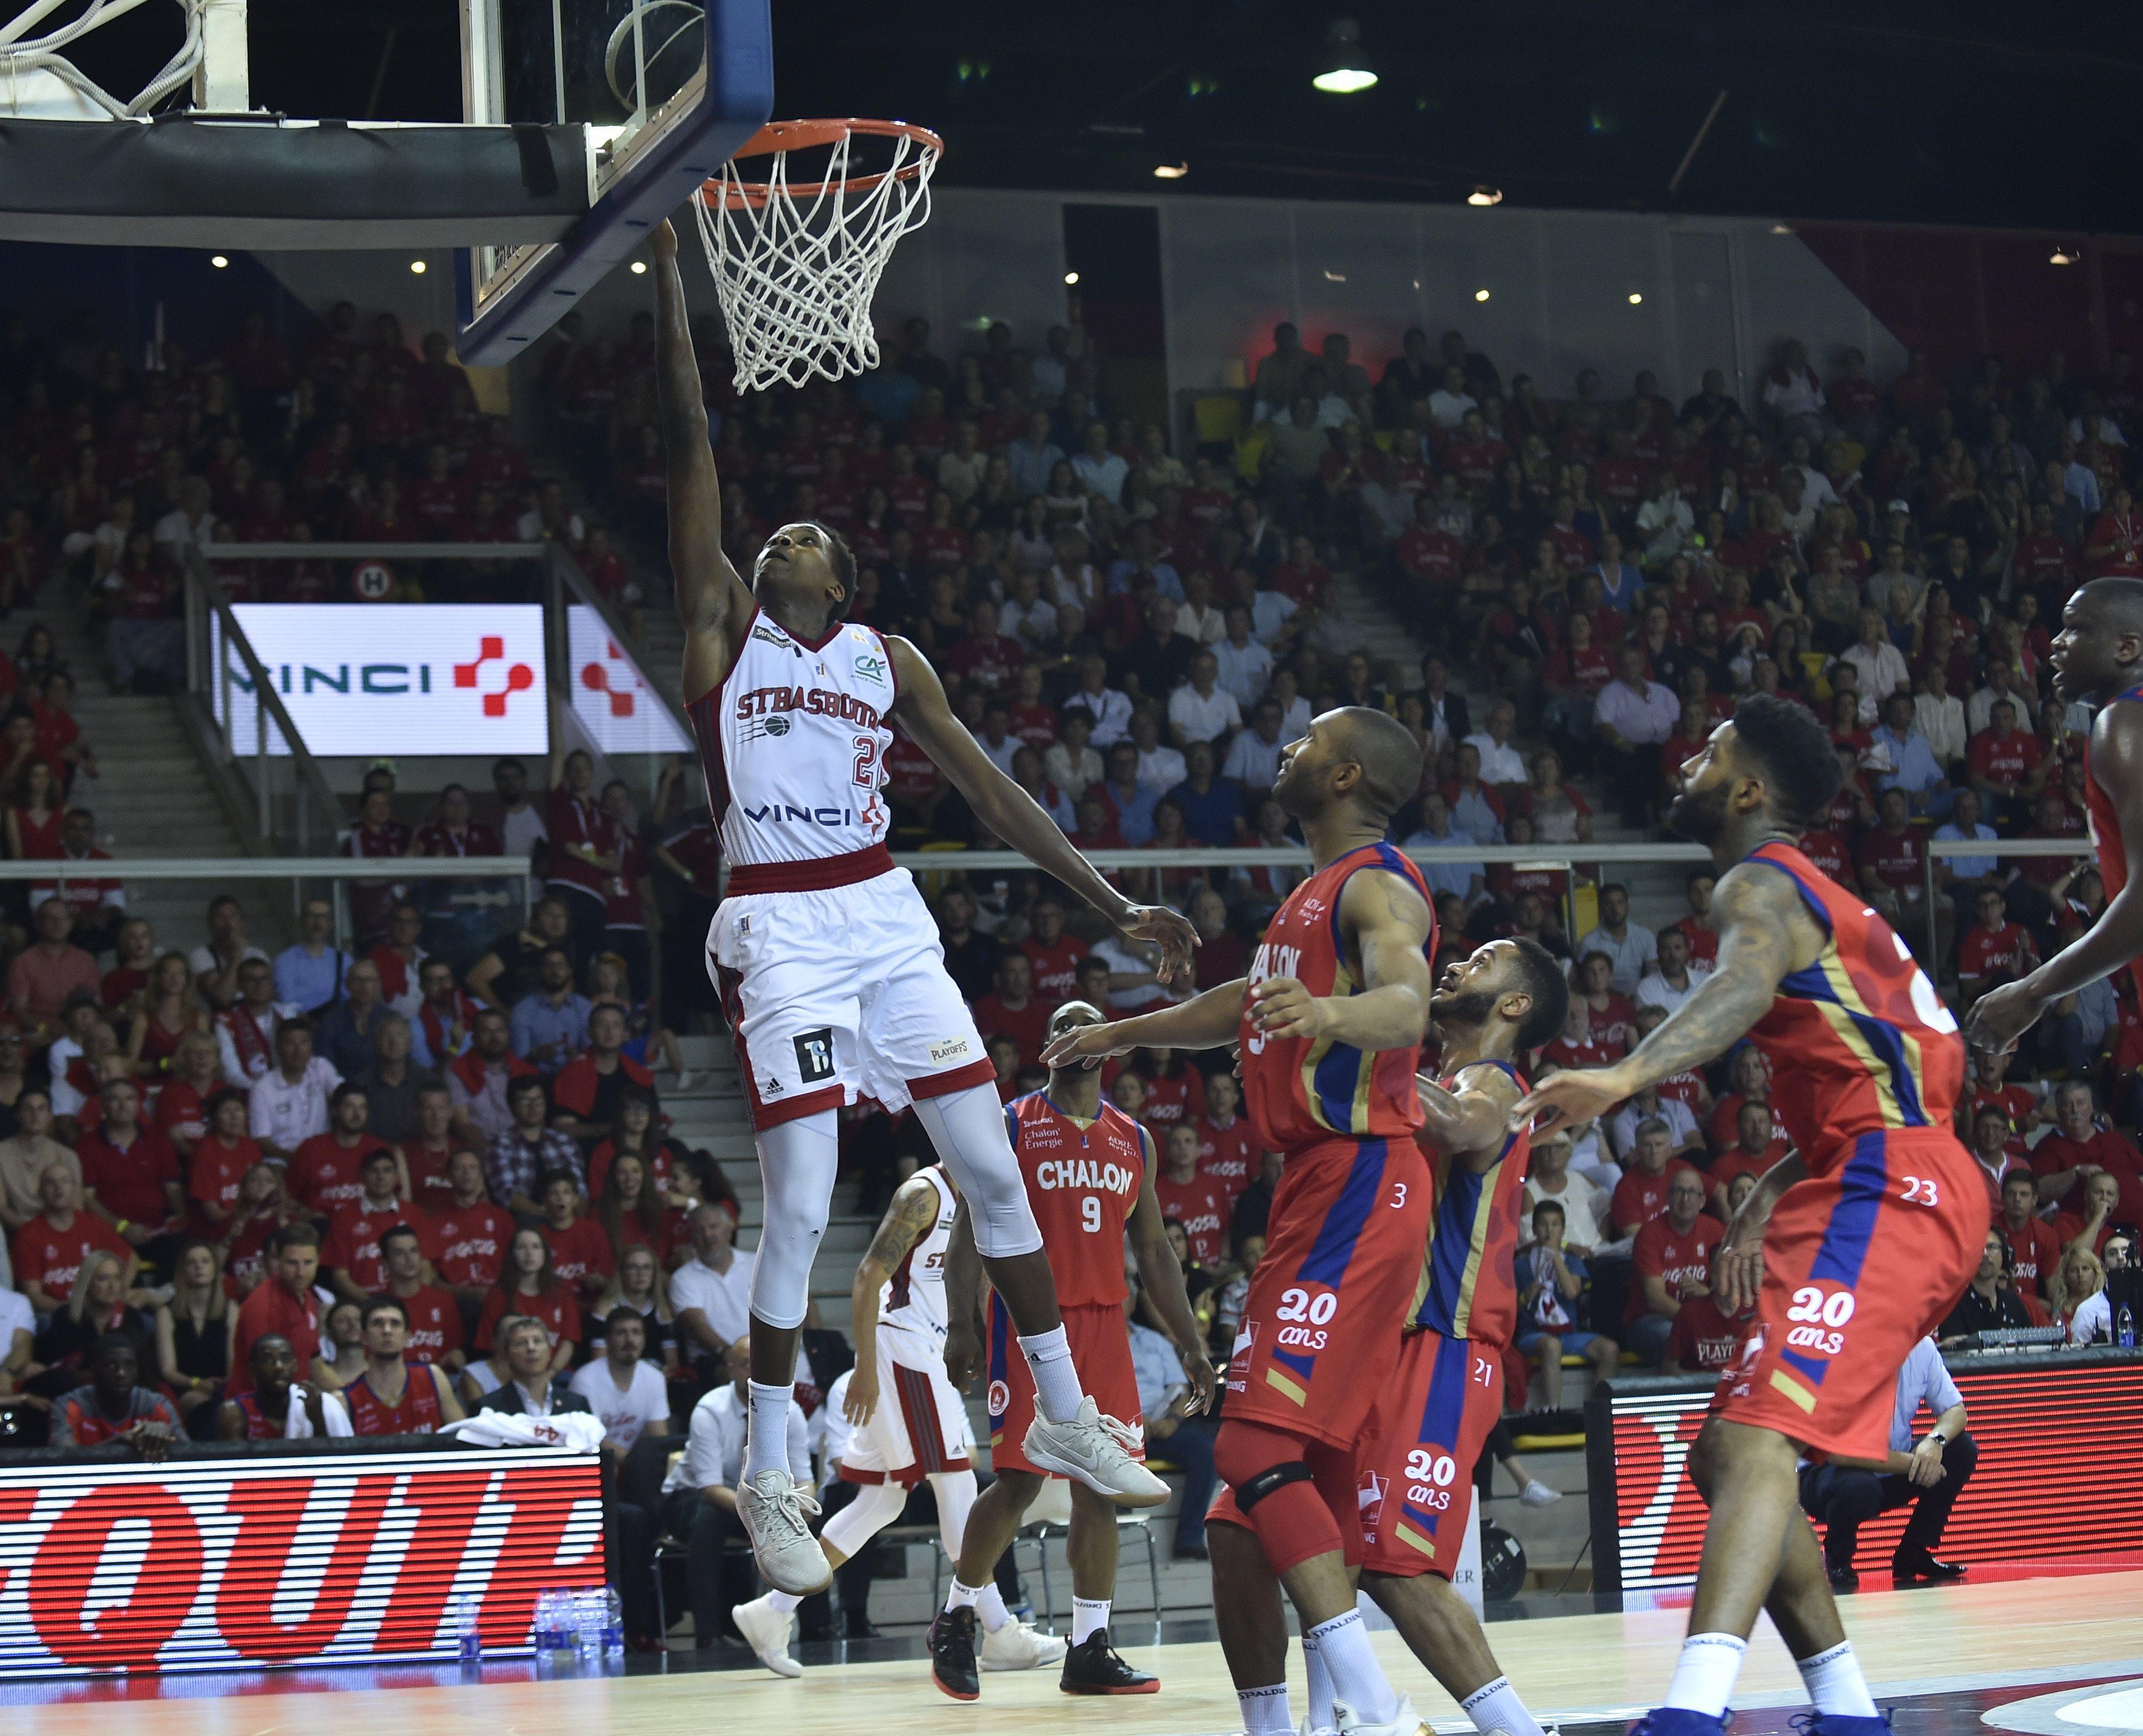 Basket - NBA - Draft NBA : le jour de gloire est arrivé pour la pépite bleue Ntilikina